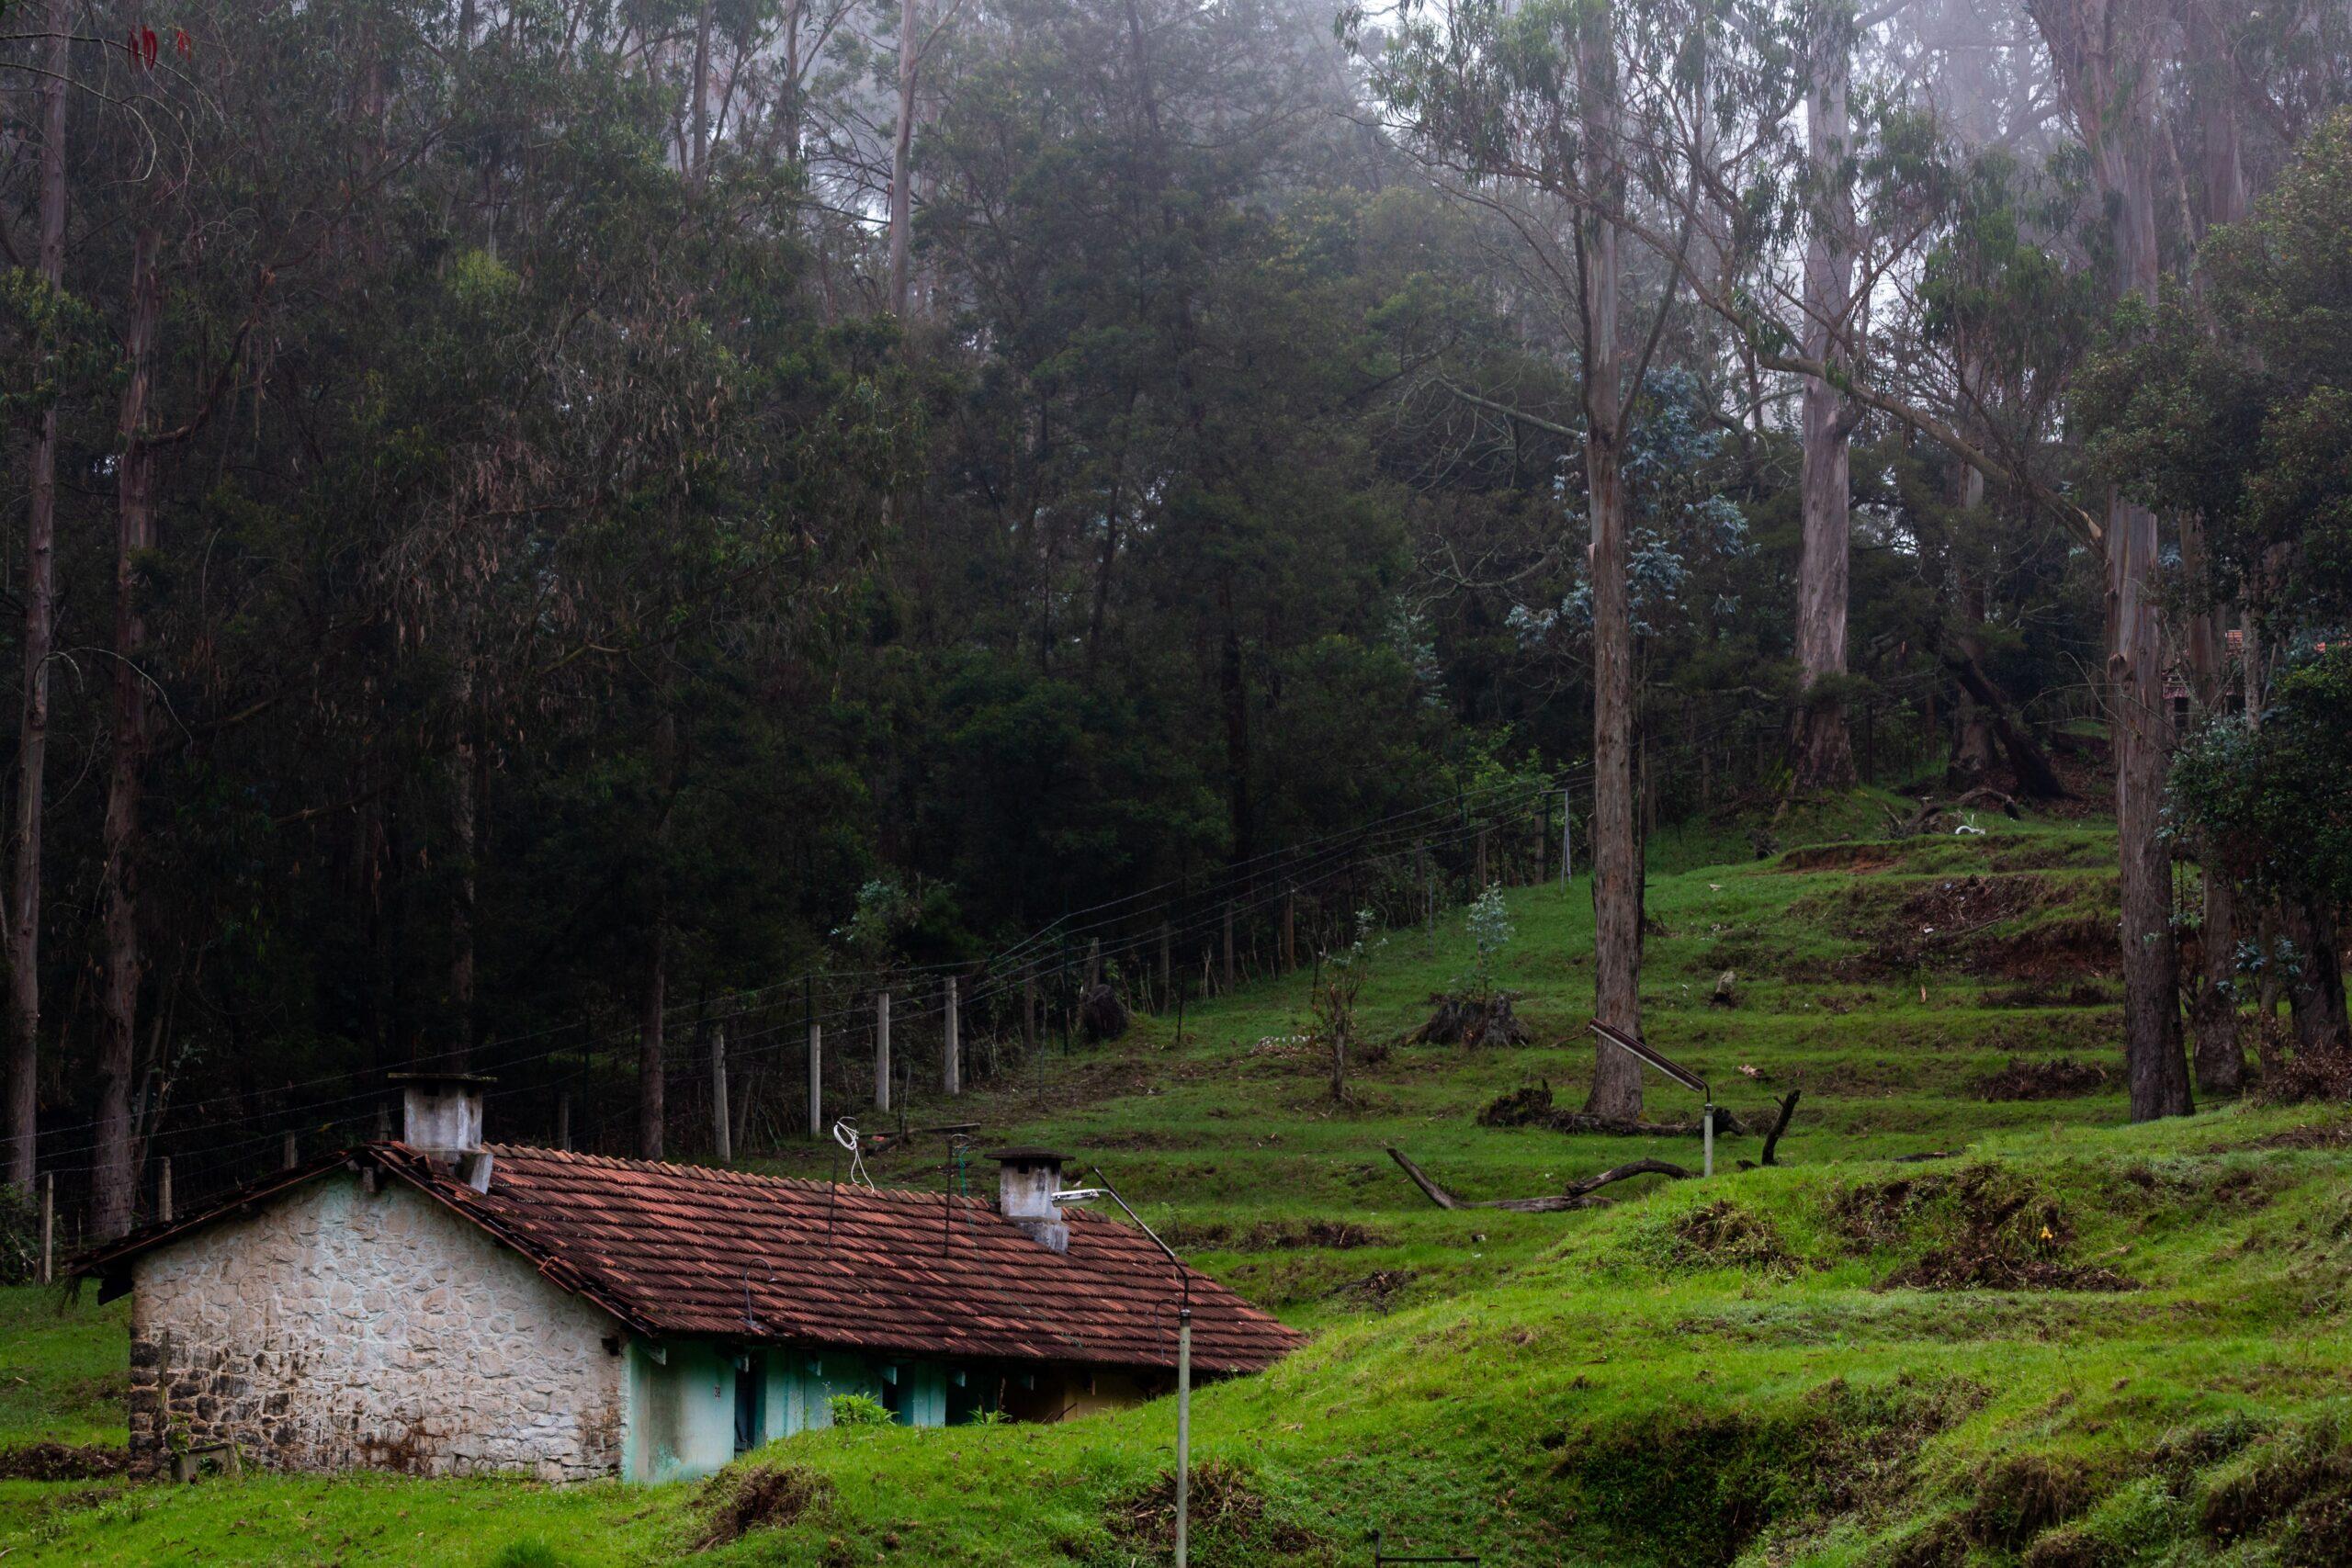 trekking in kodaikannal and stay